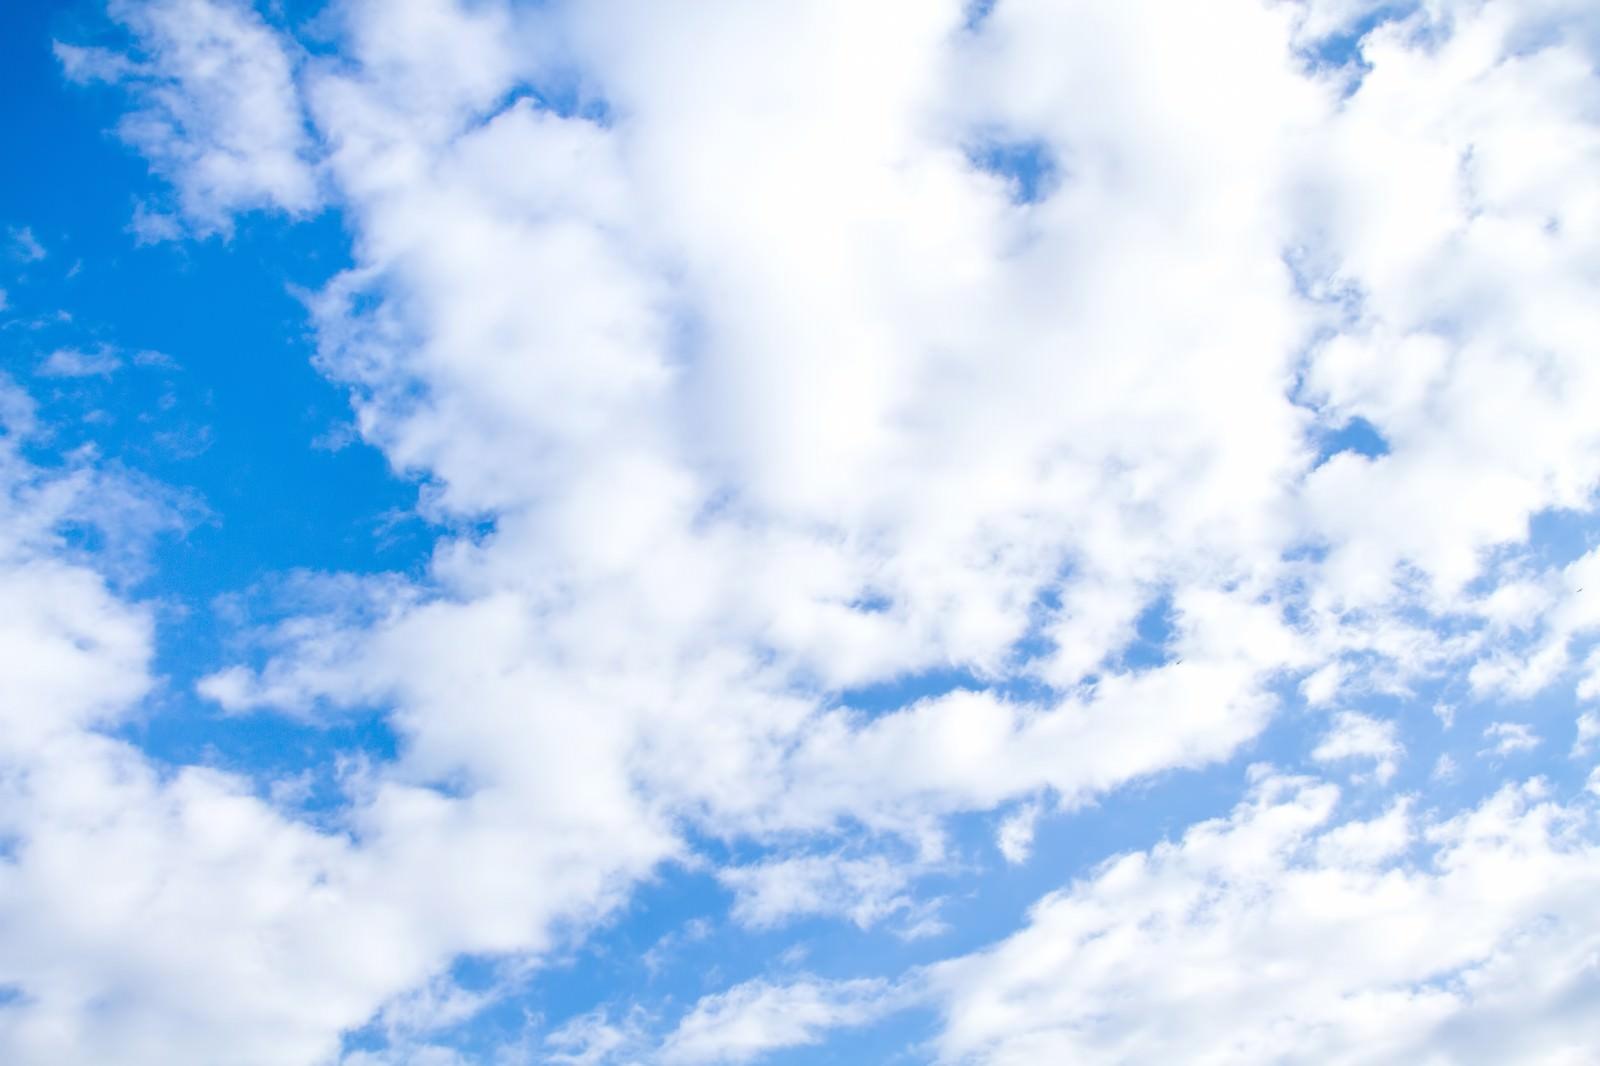 「青空とおぼろ雲 | 写真の無料素材・フリー素材 - ぱくたそ」の写真